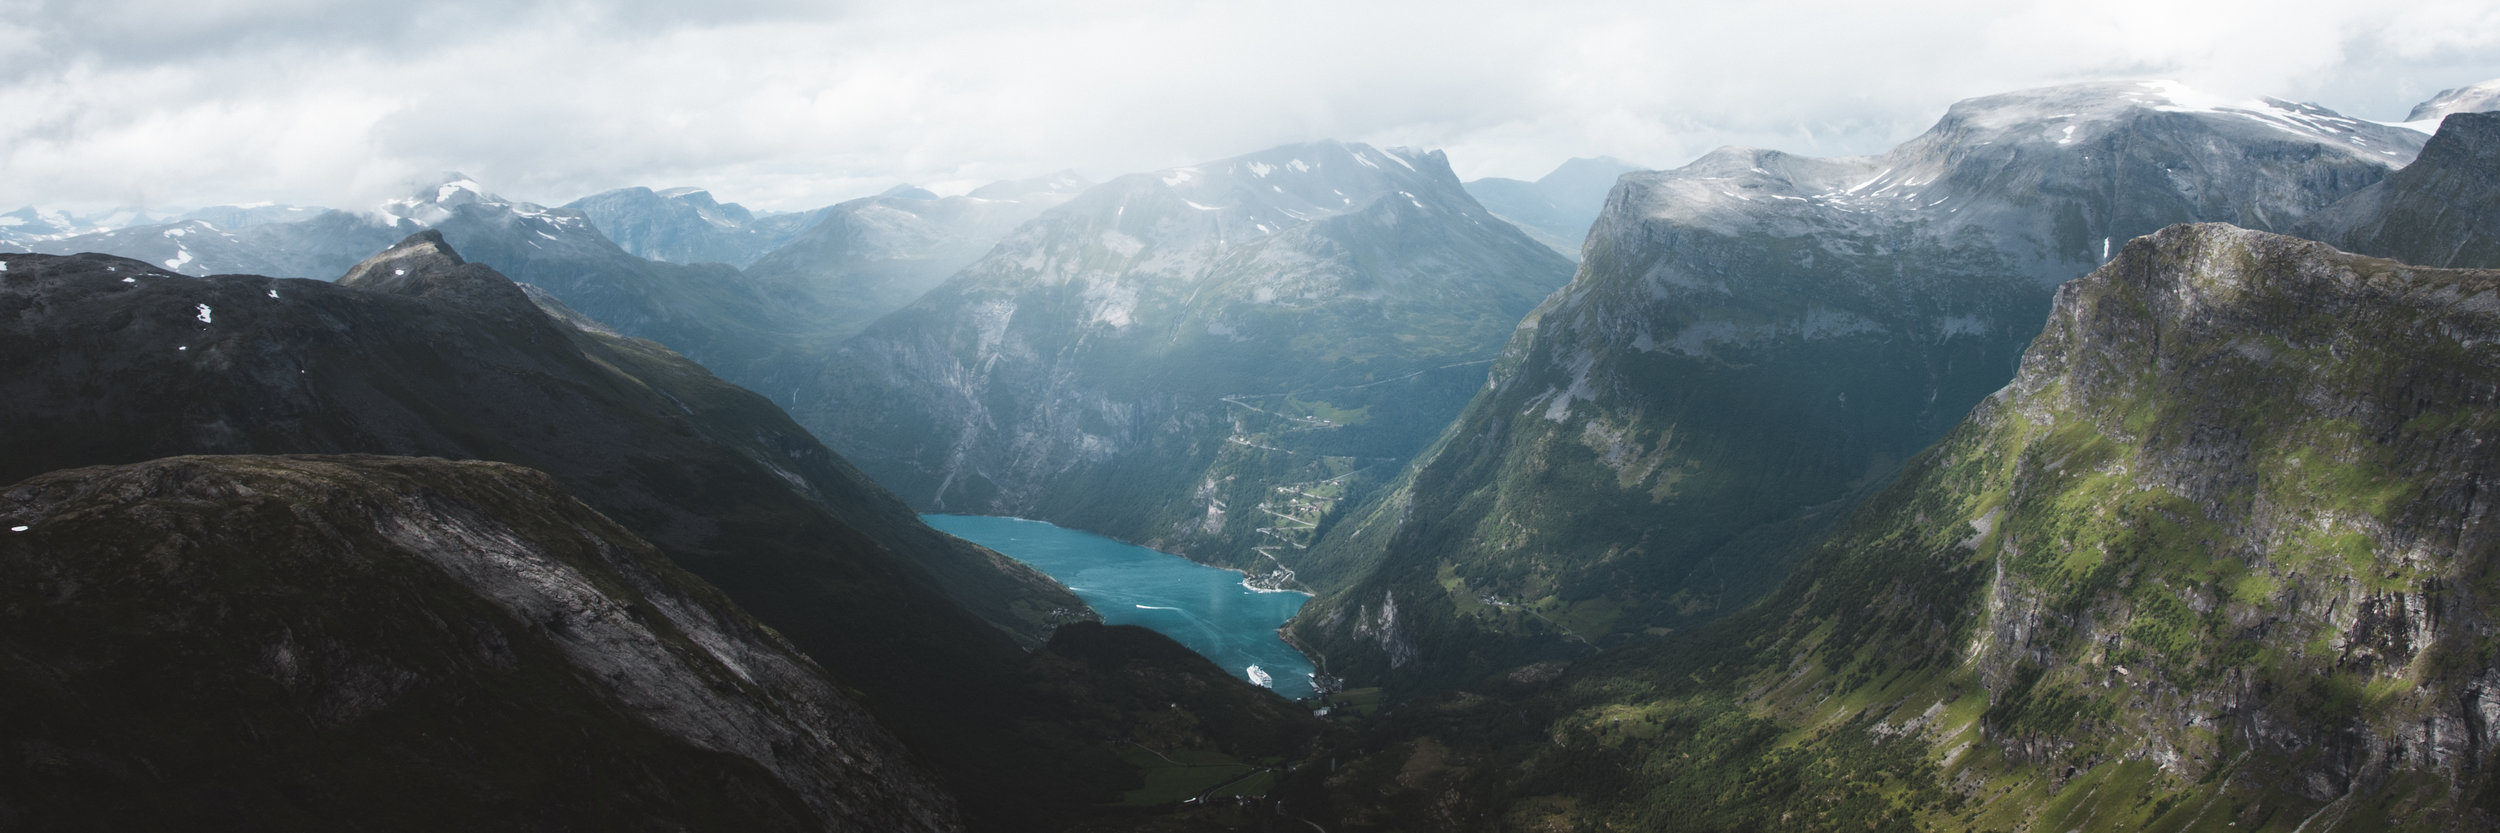 Norway - 2016